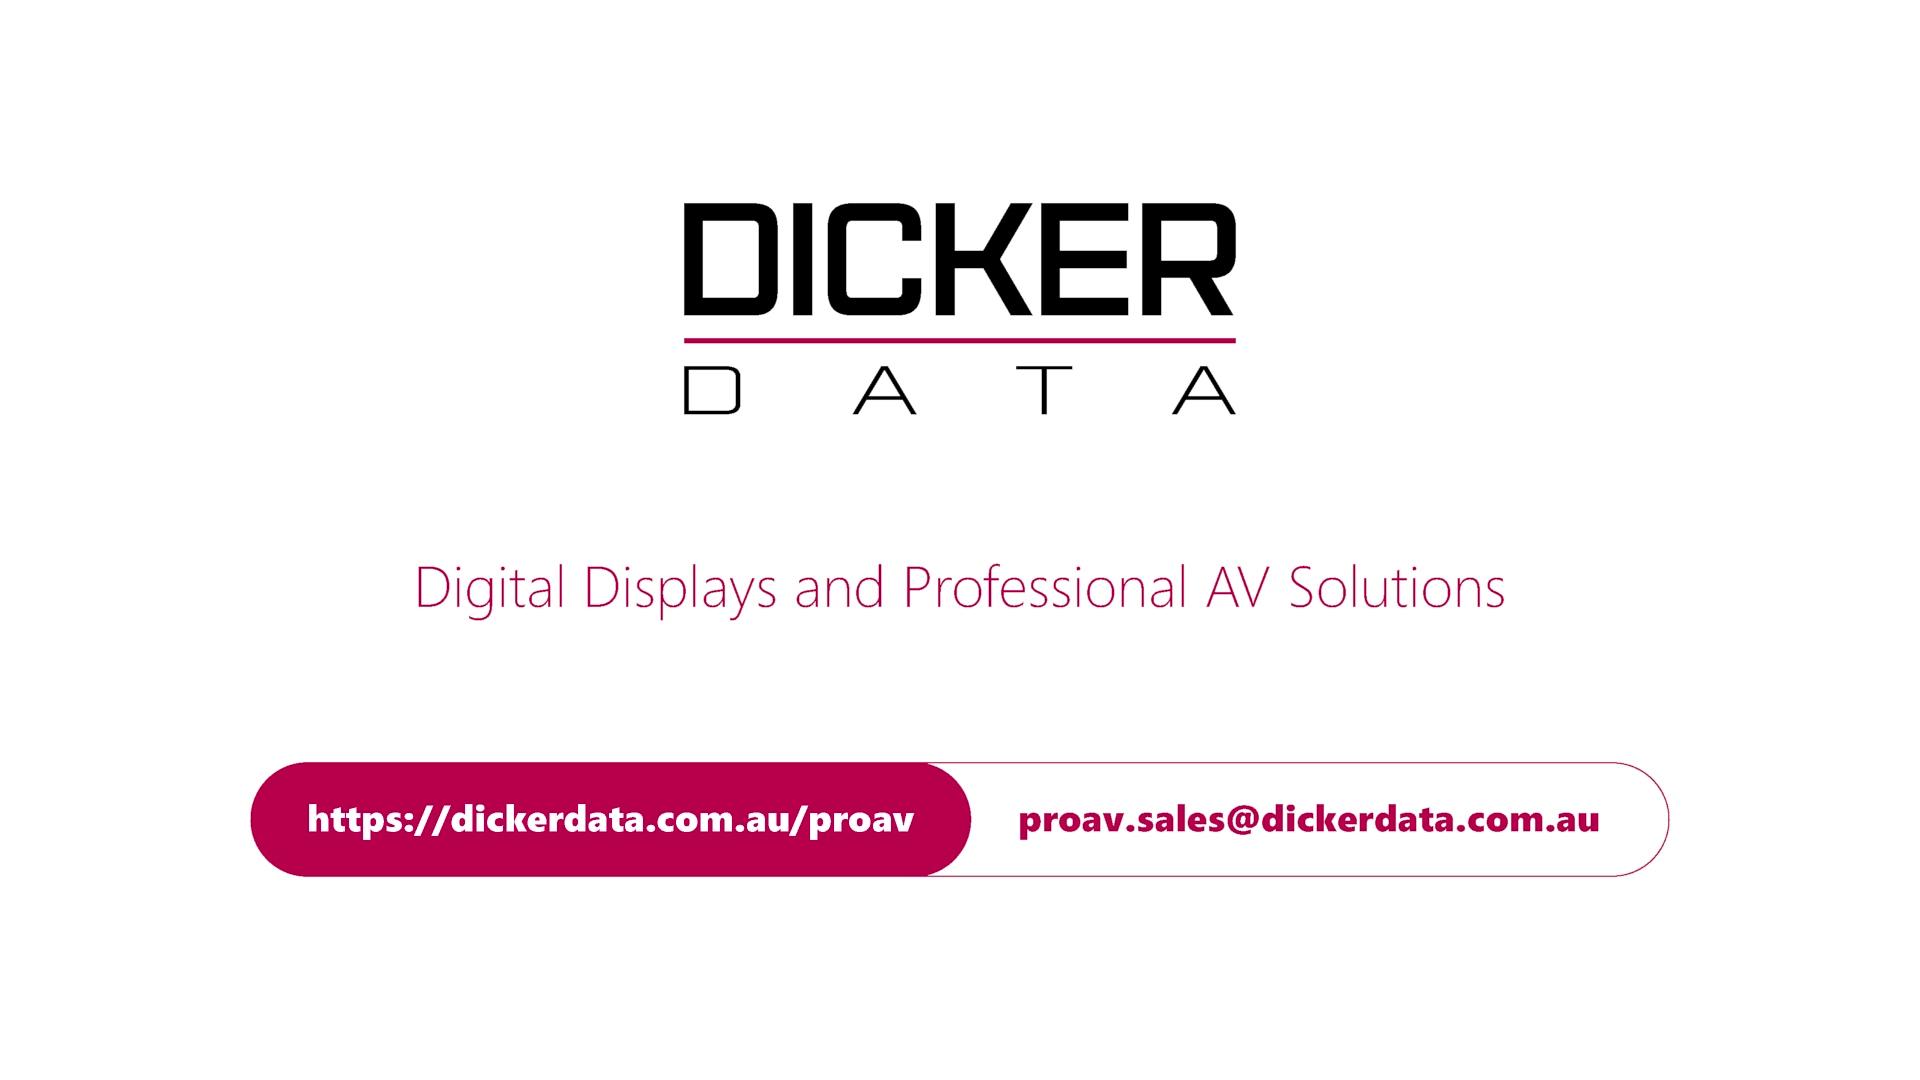 Digital-Displays-and-Pro-AV-Edit-2 - FINAL